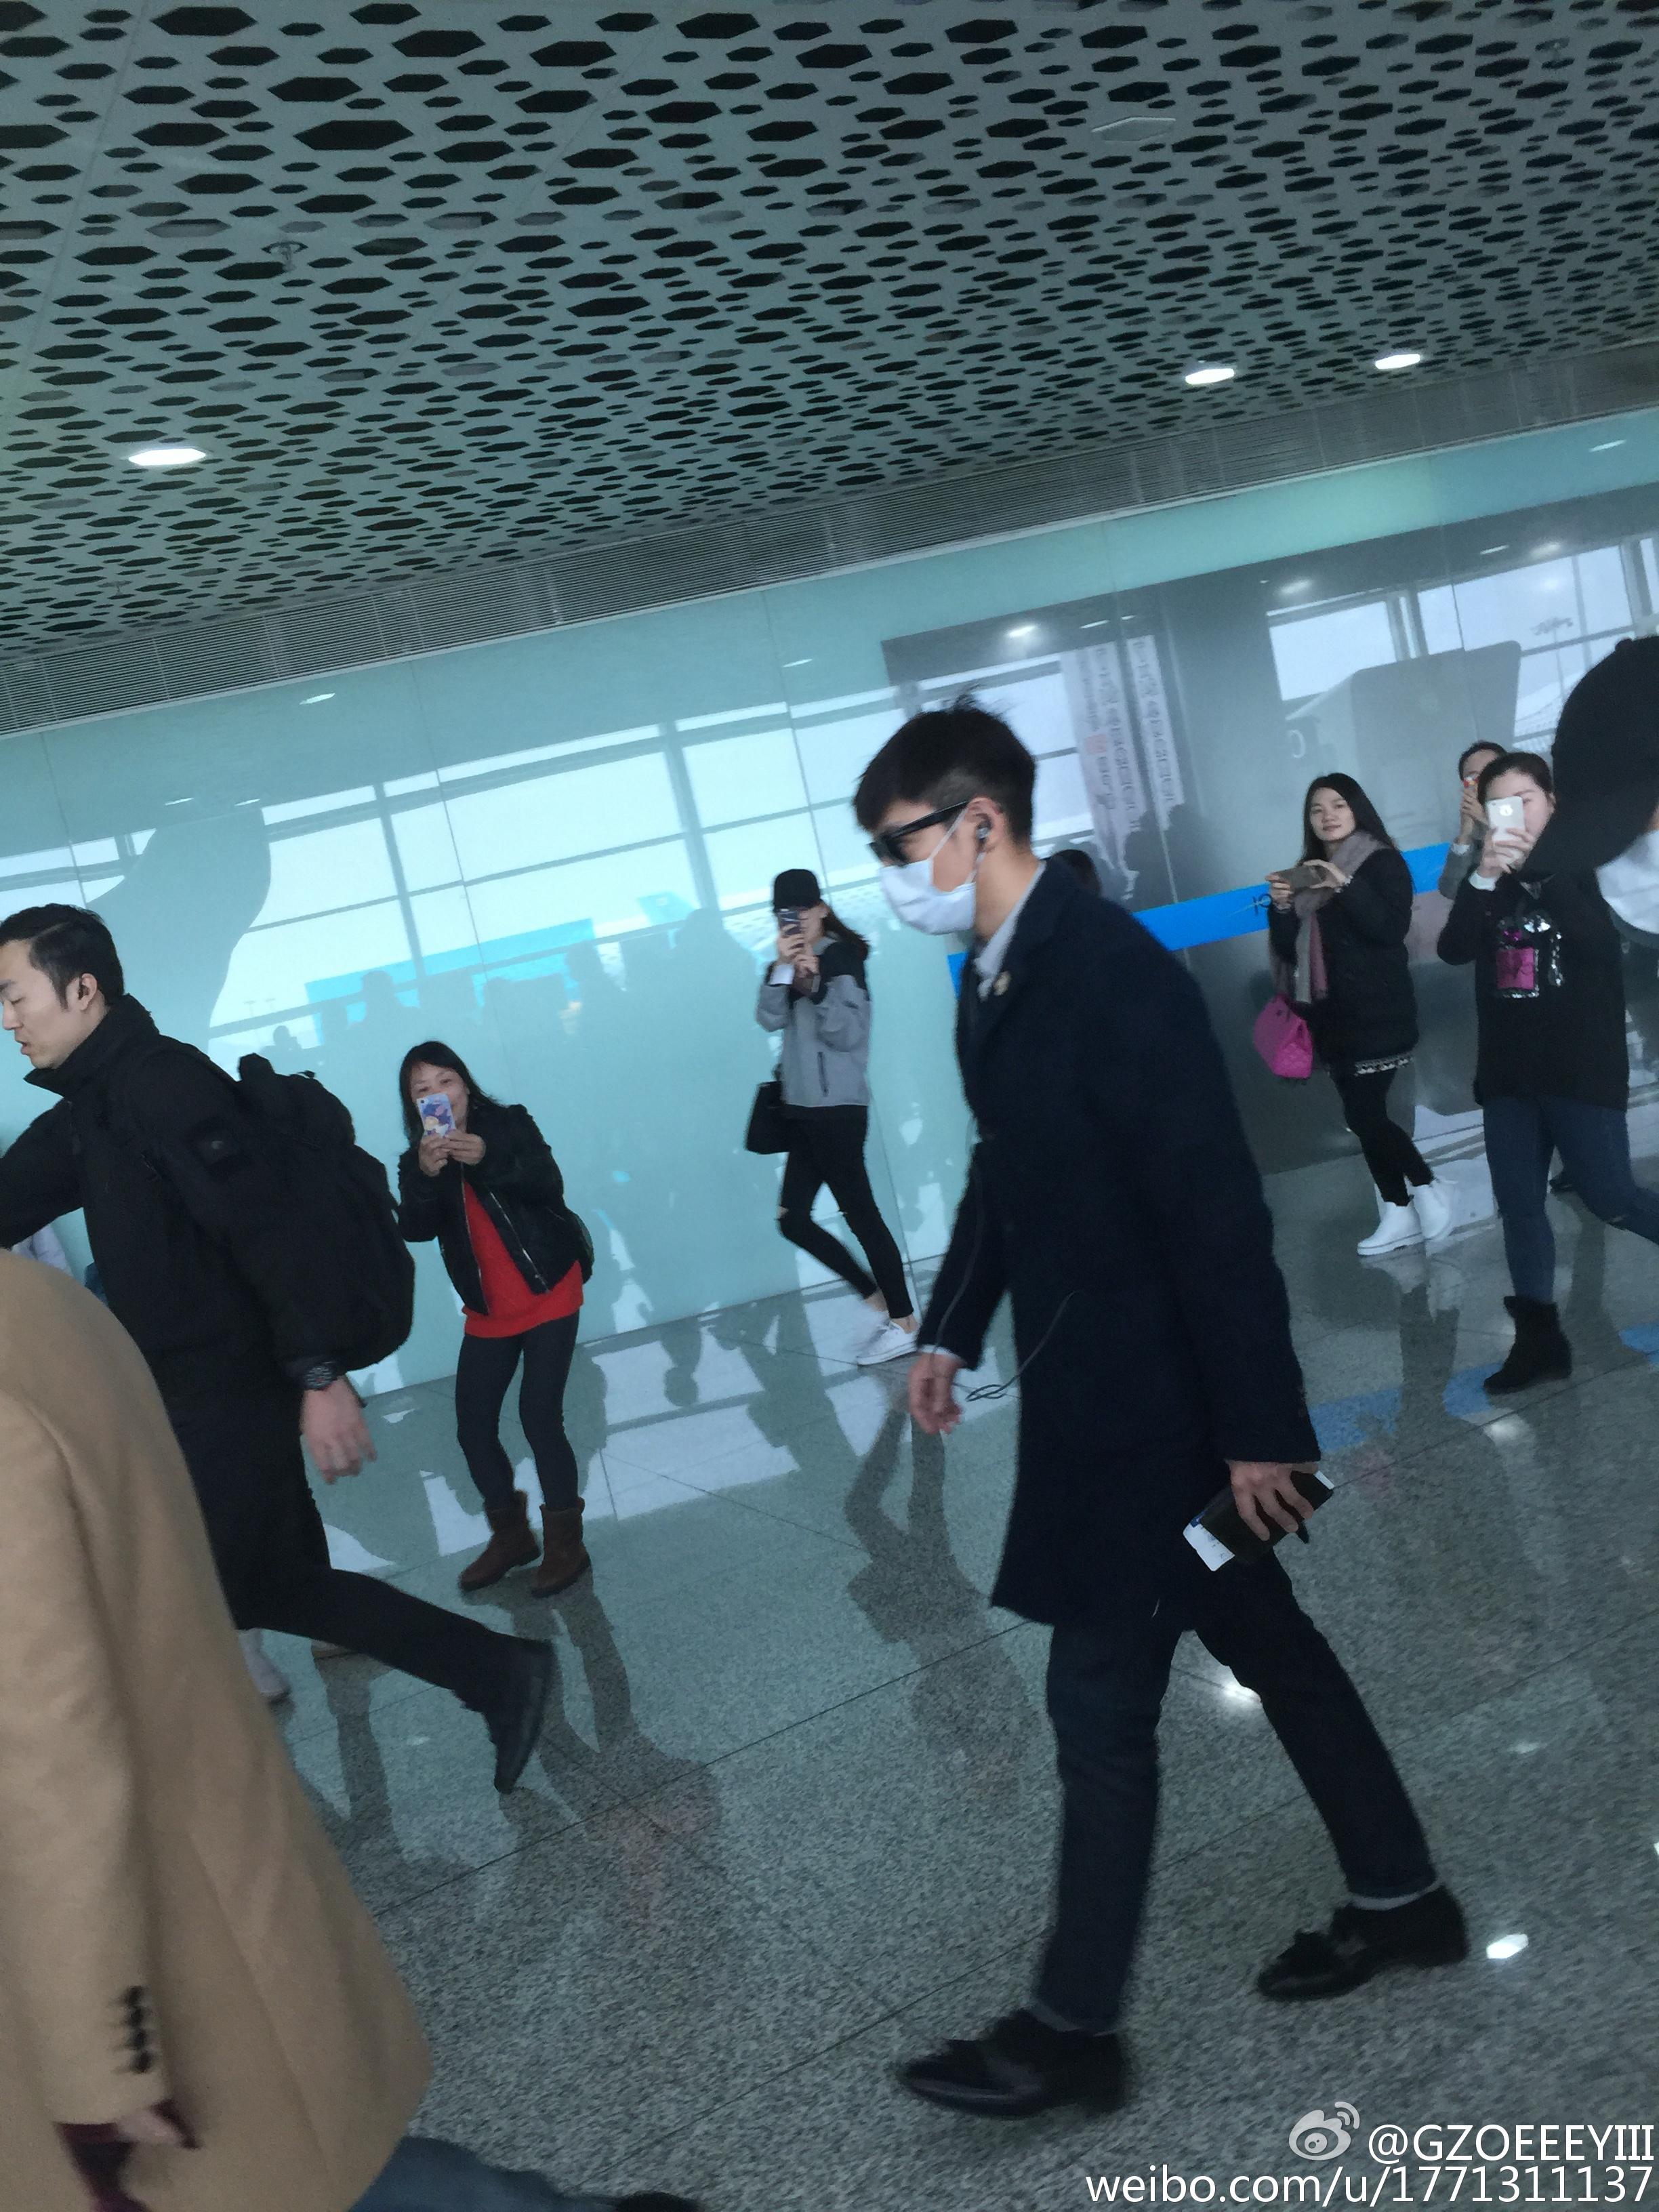 Shenzhen Airport 2016-03-14 (23)